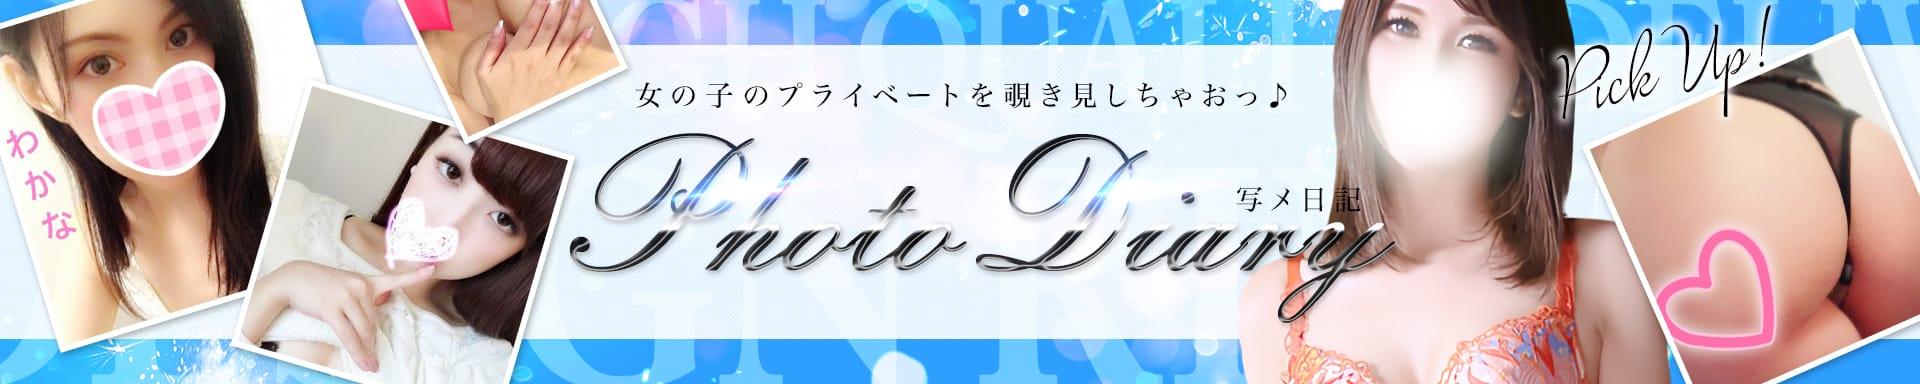 新横浜デリヘル新横浜デザインリング その3